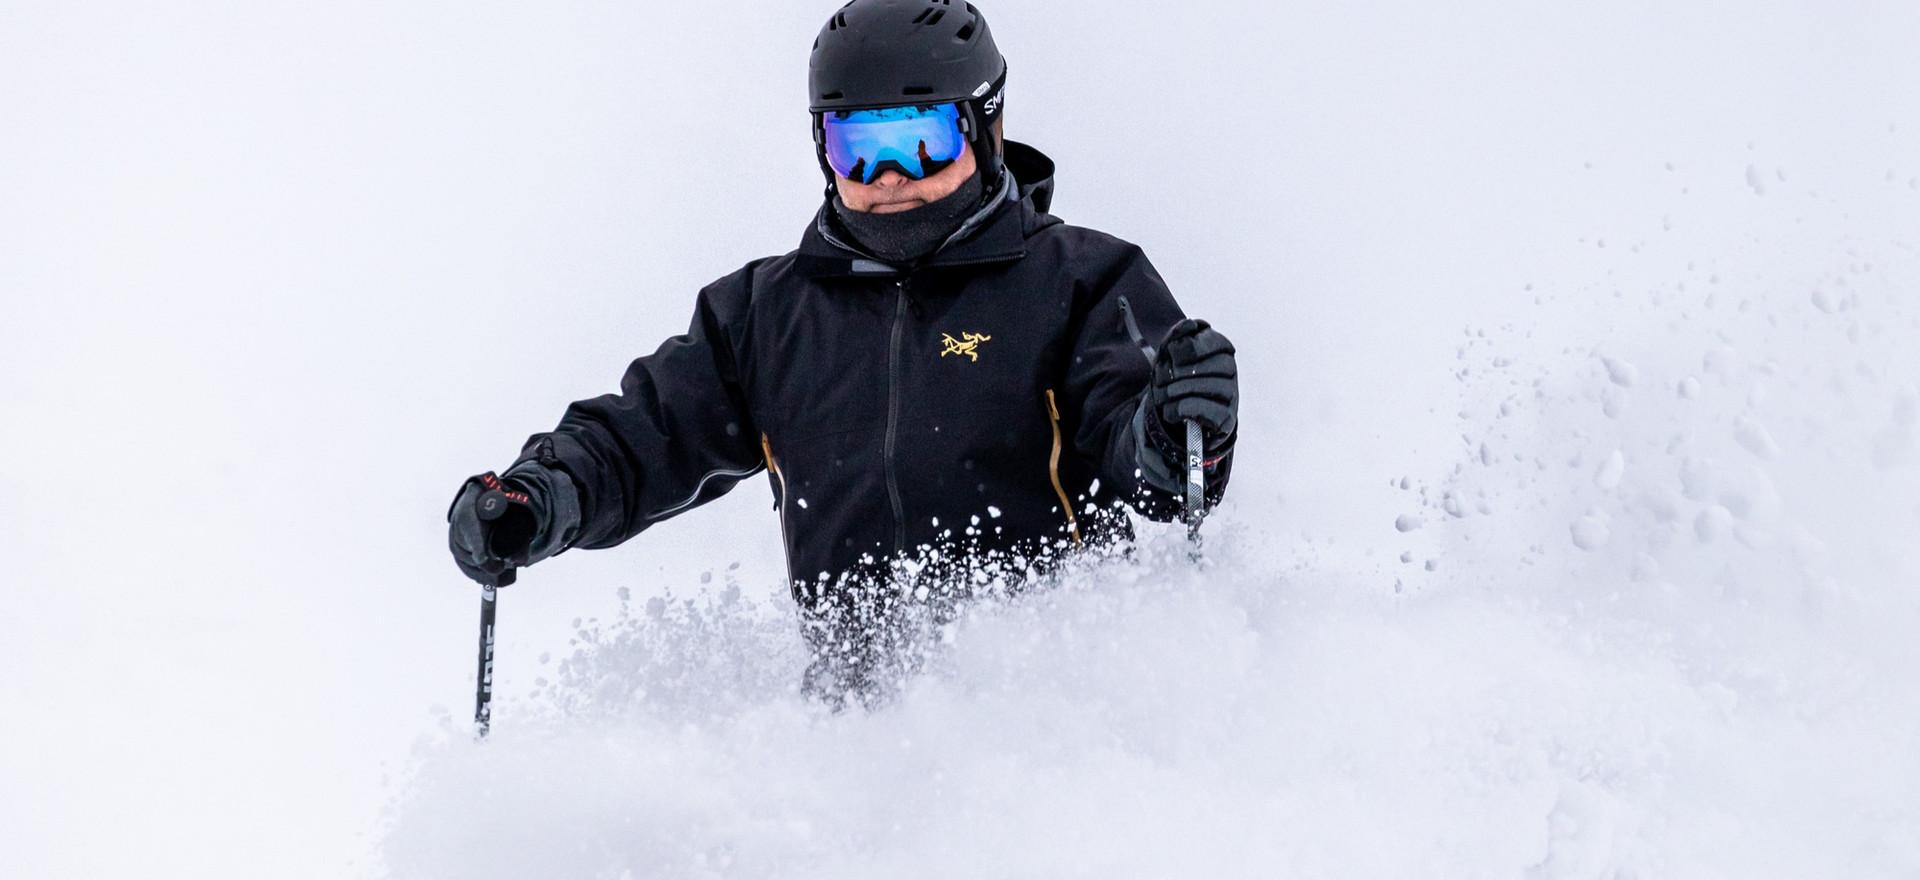 Ski-Ride-Tours-Alyeska-Powder-Mariau_edi